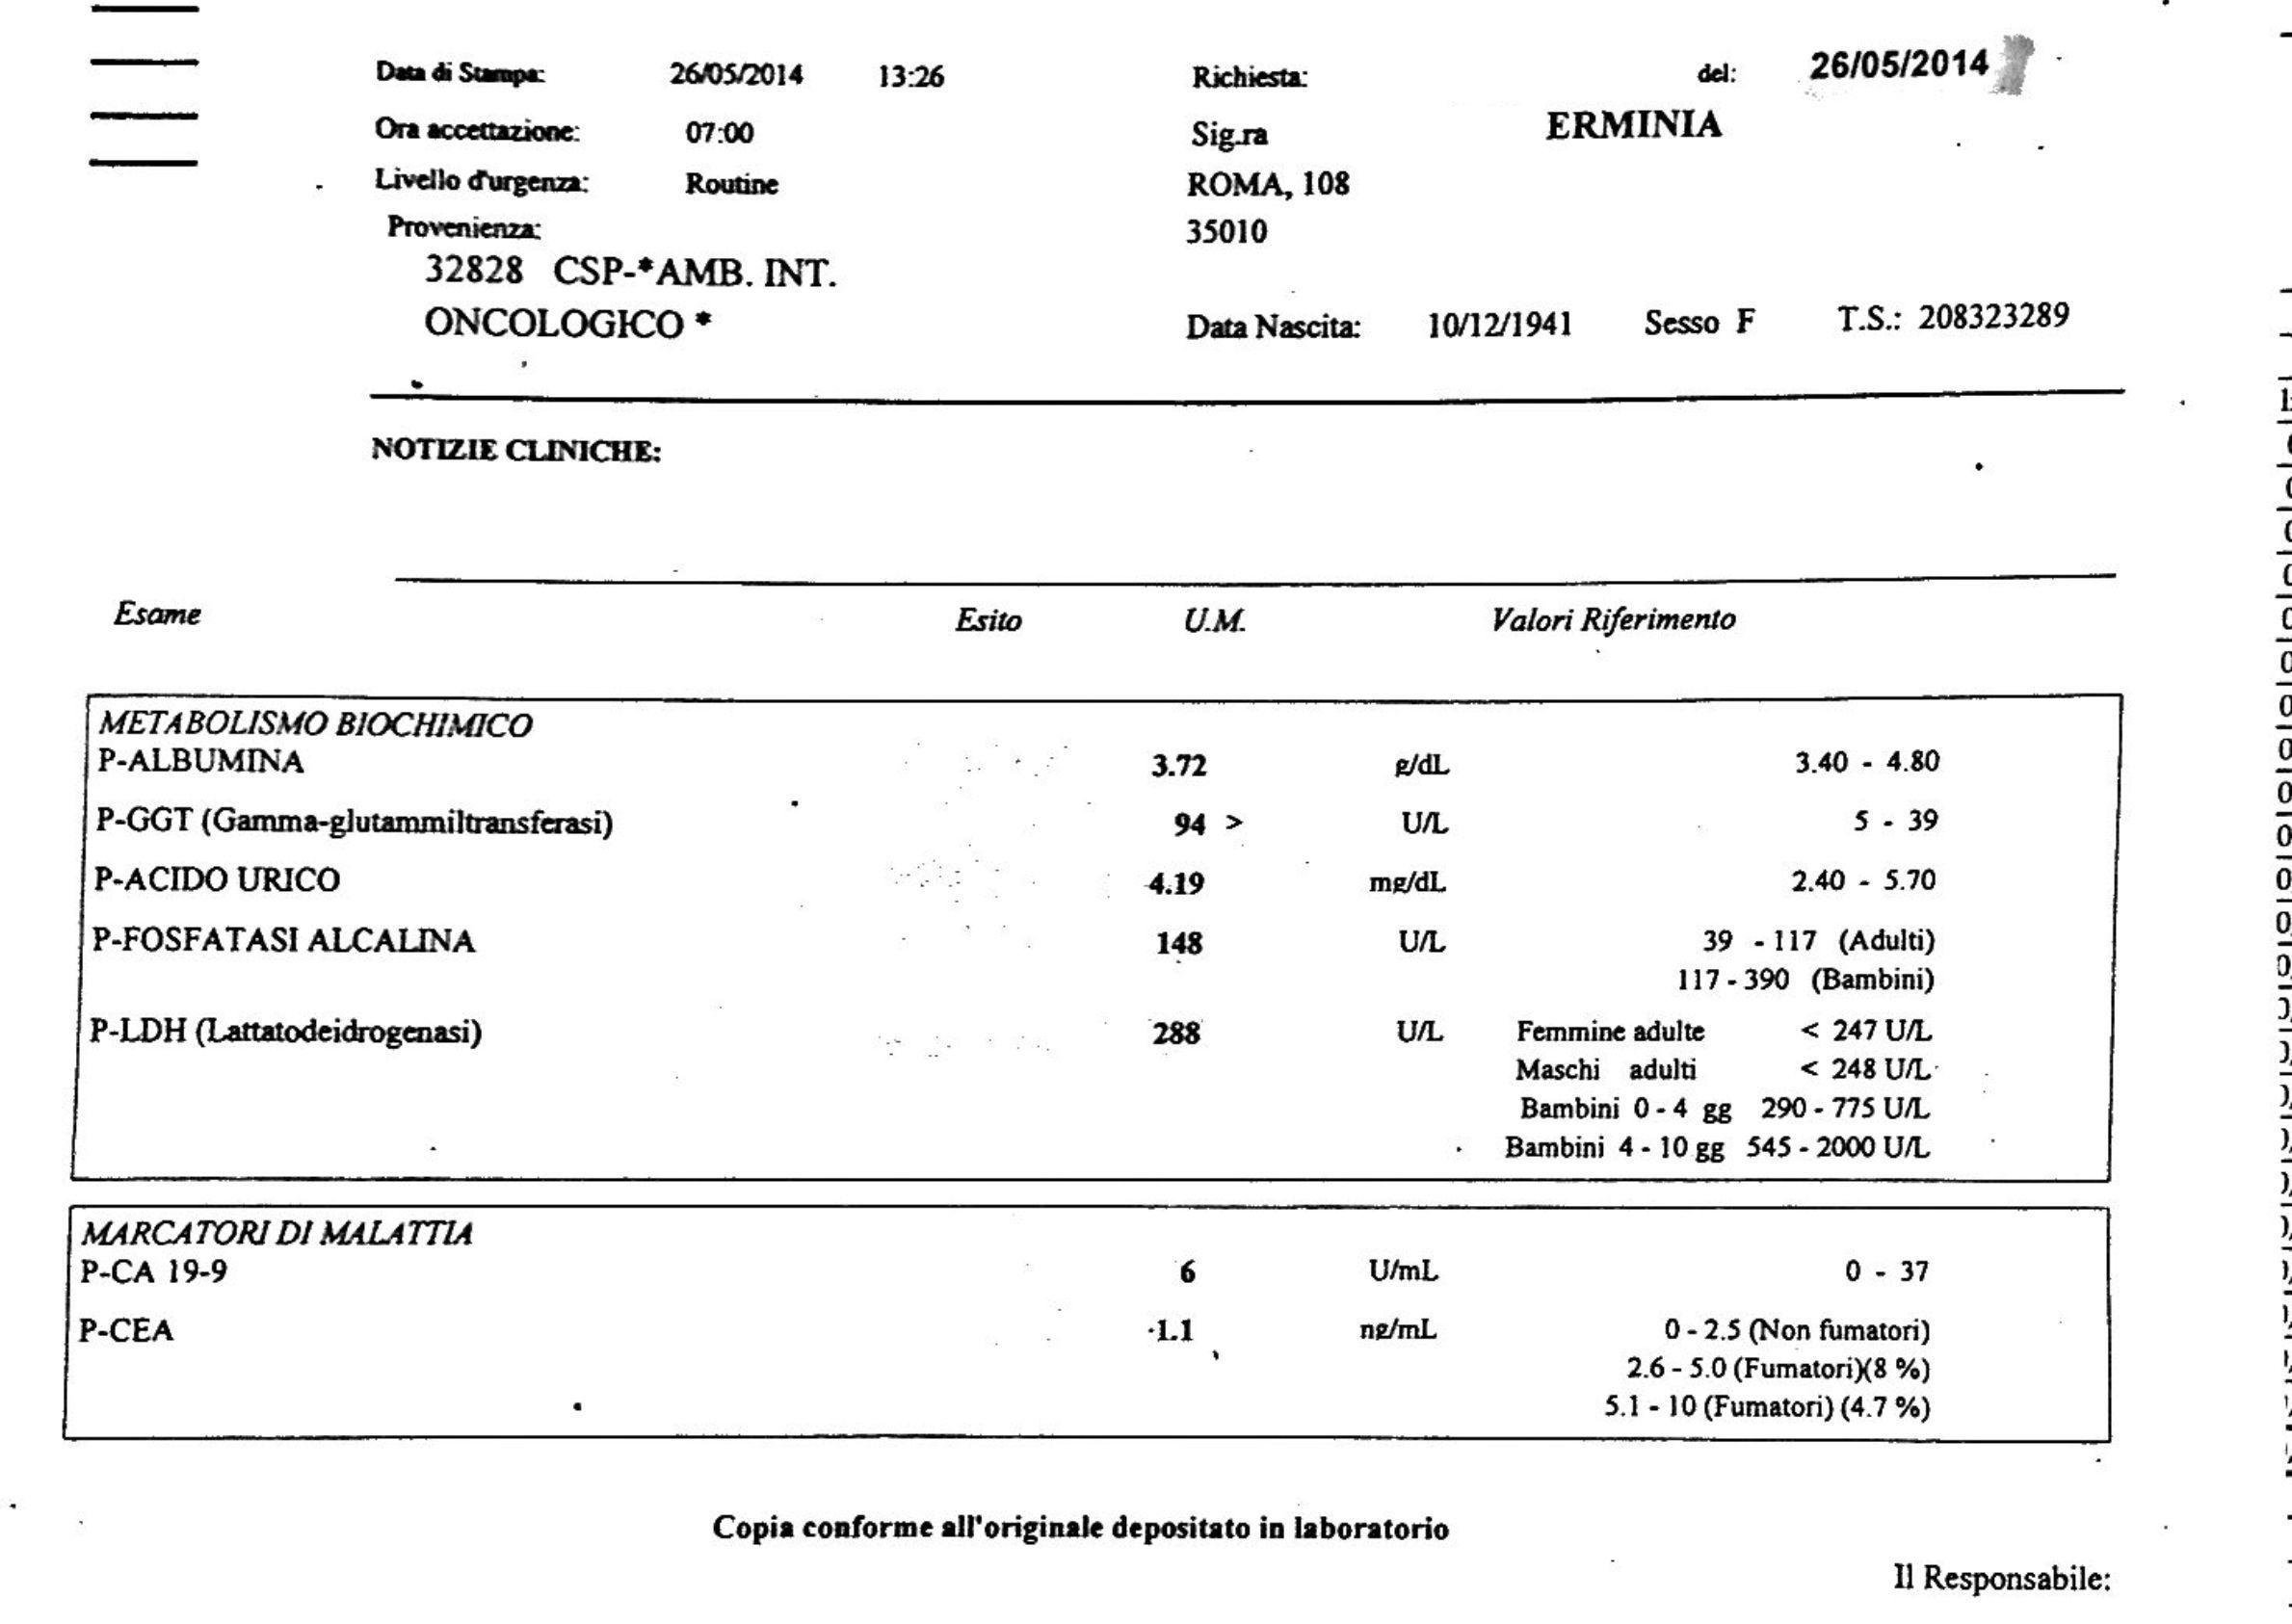 LifEscozul® - Erminia 5 - Cáncer Gástrico Intestinal